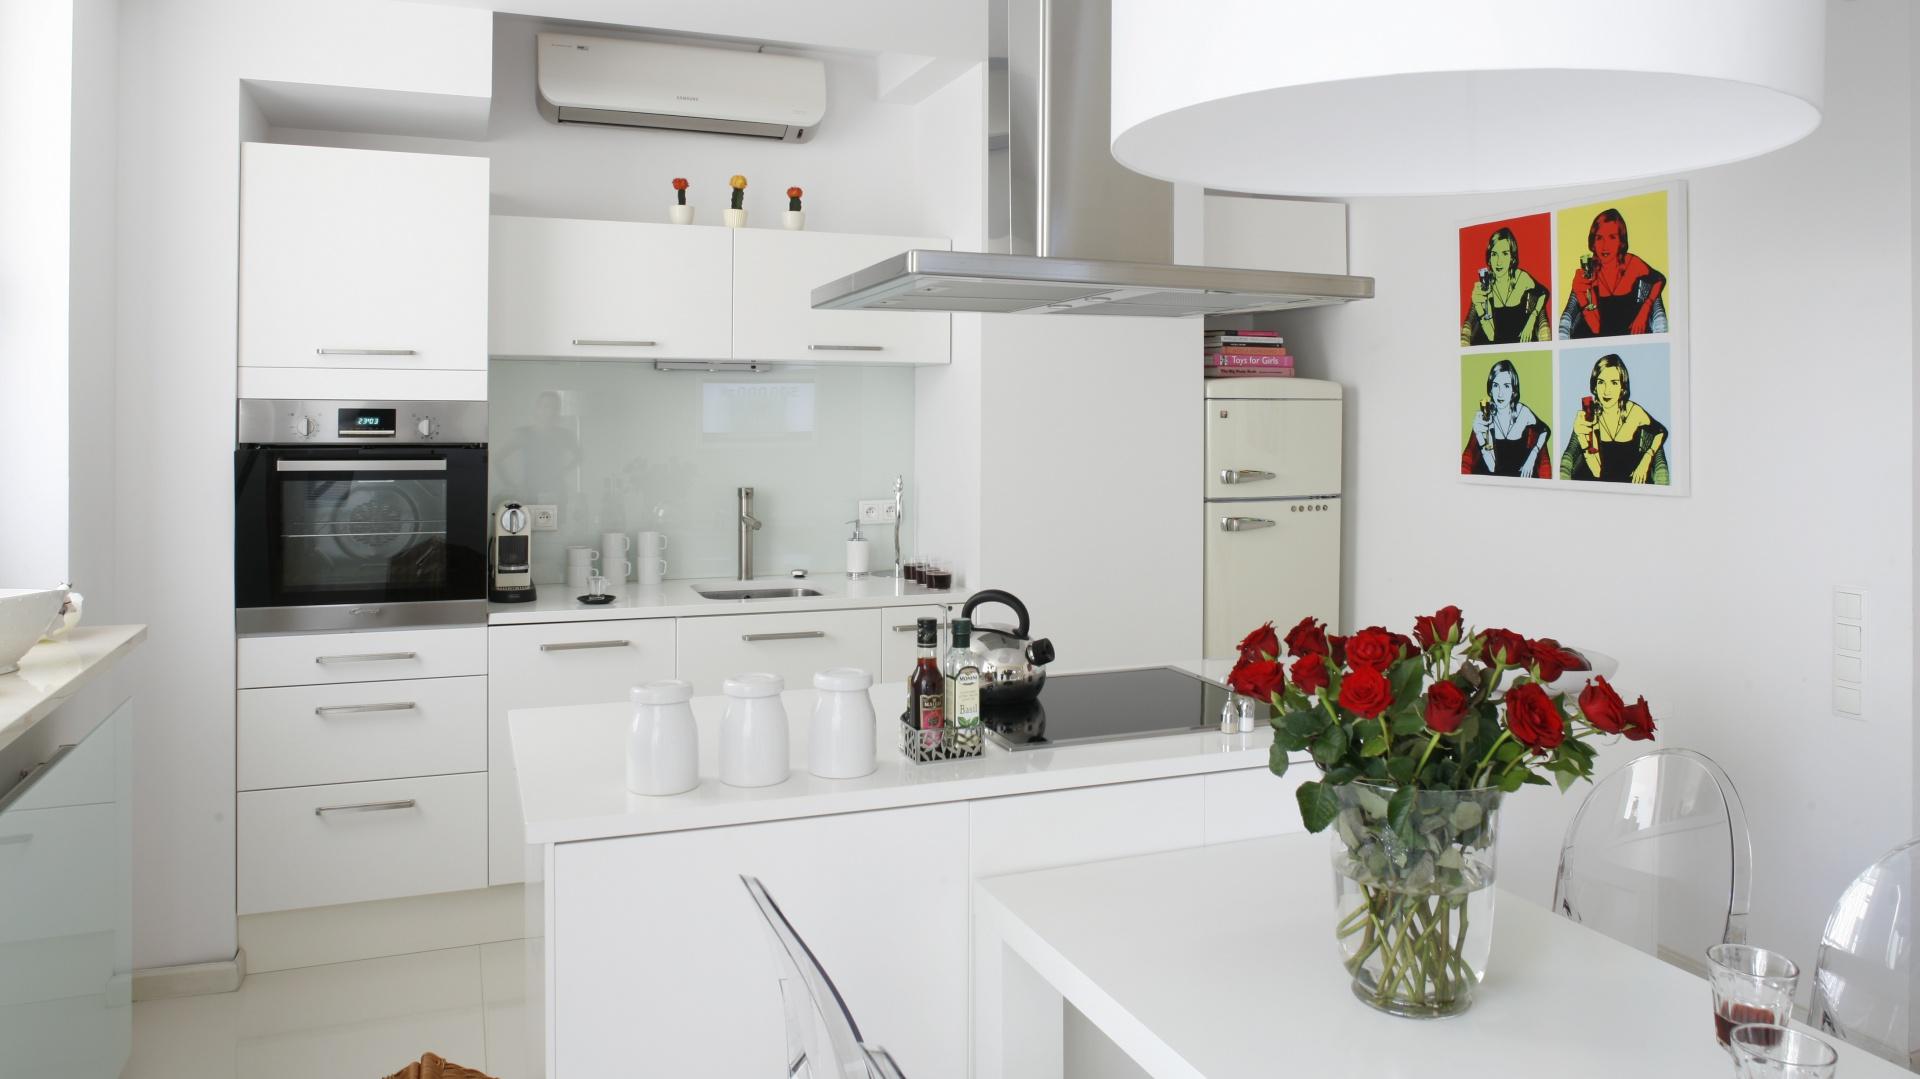 Otwarta kuchnia jest wyraźnie wydzielona w przestrzeni dziennej: za pomocą obniżonego fragmentu sufitu, materiału podłogowego (wielkoformatowe płytki gresowe) oraz wyspy ze znajdującym się nad nią okapem. Projekt: Piotr Gierałtowski. Fot. Bartosz Jarosz.